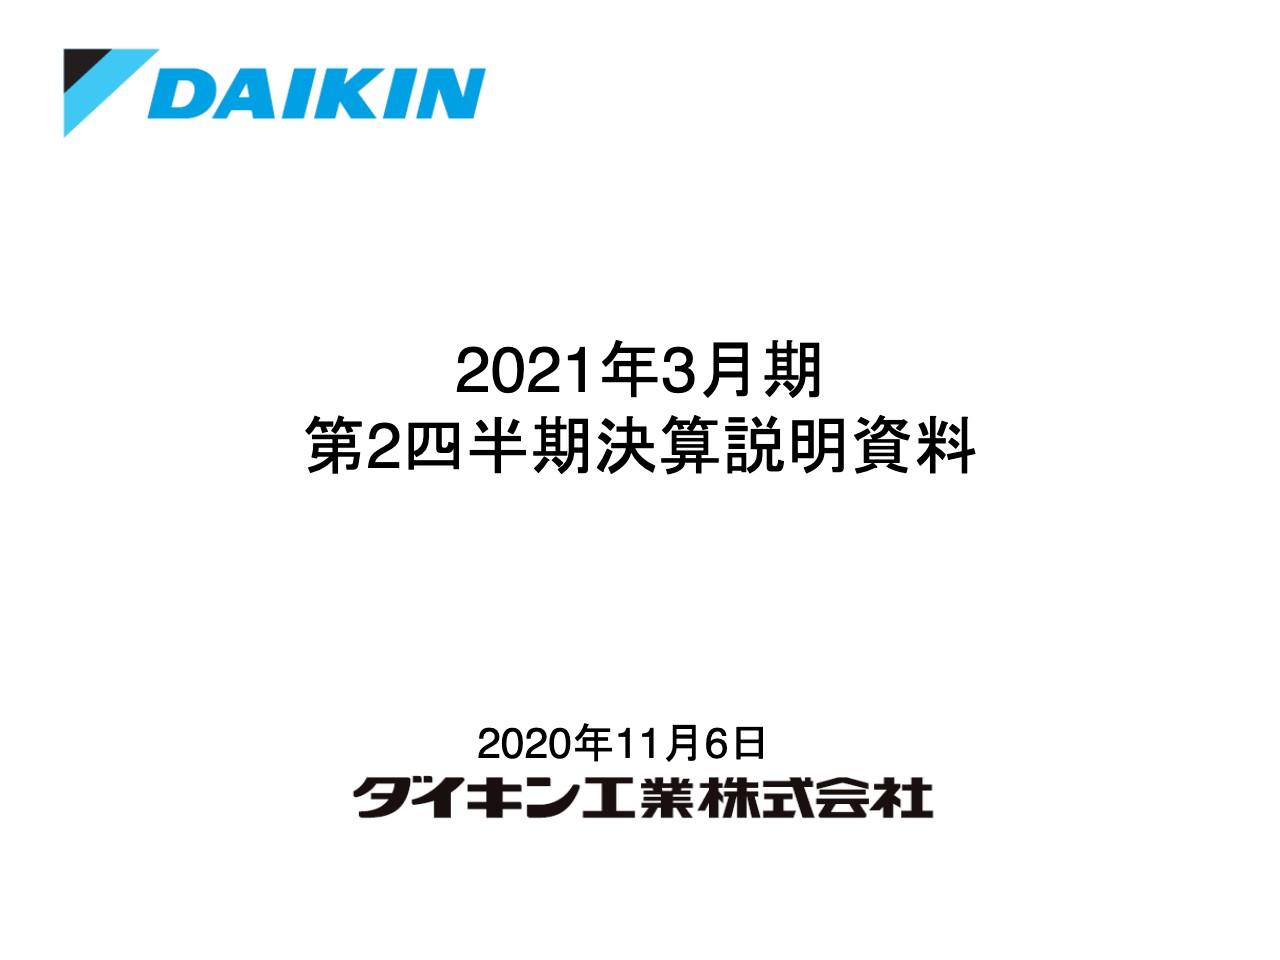 ダイキン工業、2Qの営業利益は22%減 企業の設備投資減少による業務用空調の需要低下が主因